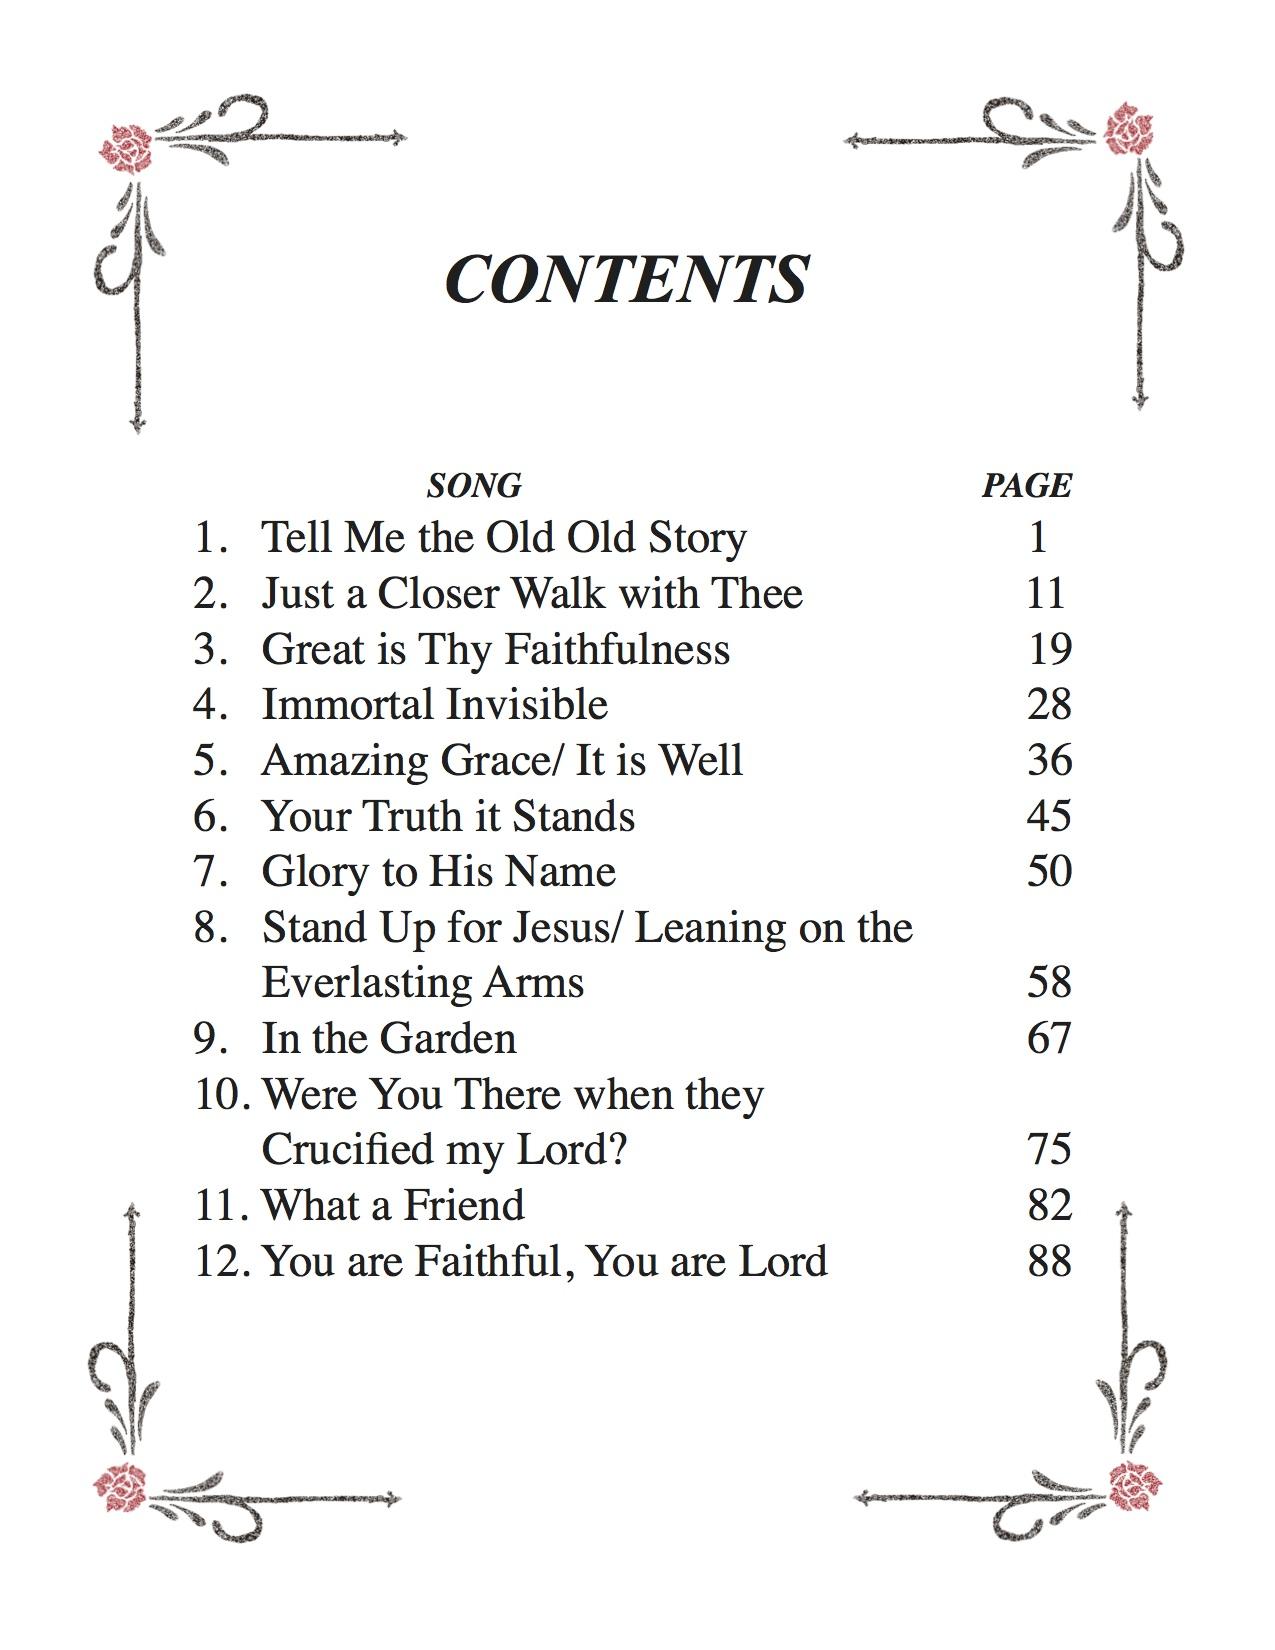 photo regarding In the Garden Hymn Printable named Printable Sheet Tunes - Deborah Johnson